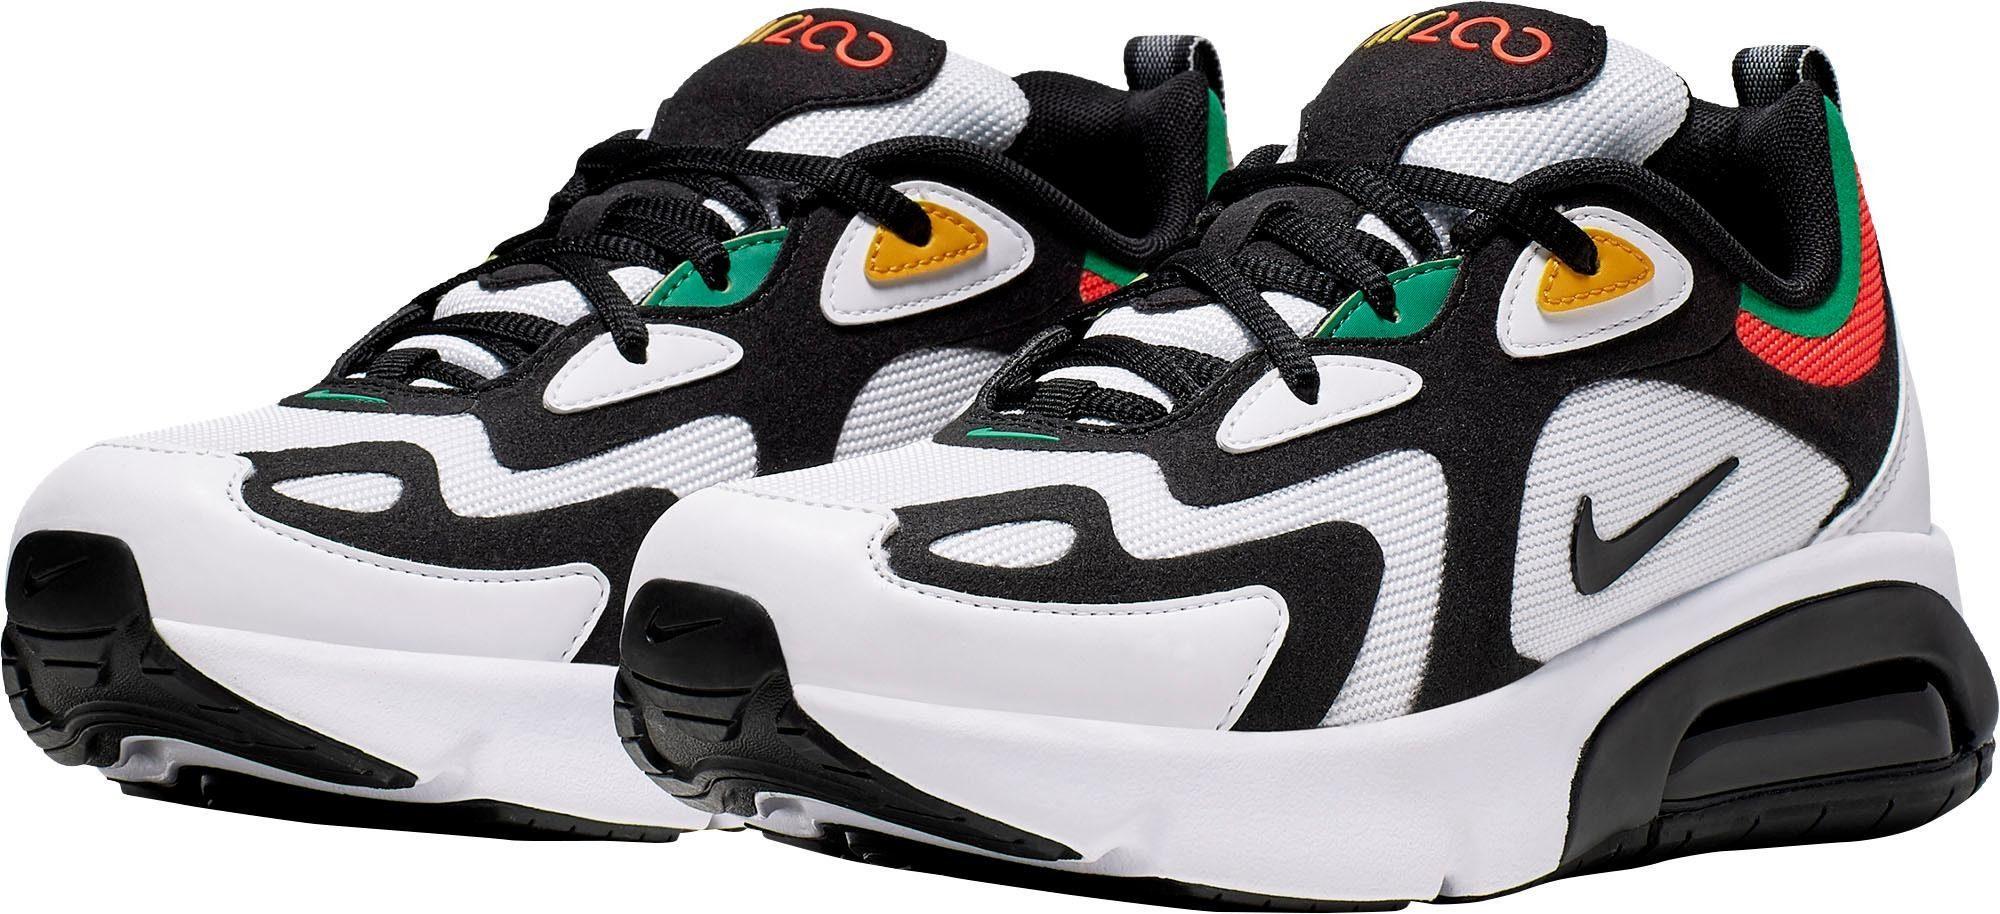 Nike Sportswear »AIR MAX 200 BG« Sneaker, Trendiger Sneaker von Nike online kaufen | OTTO